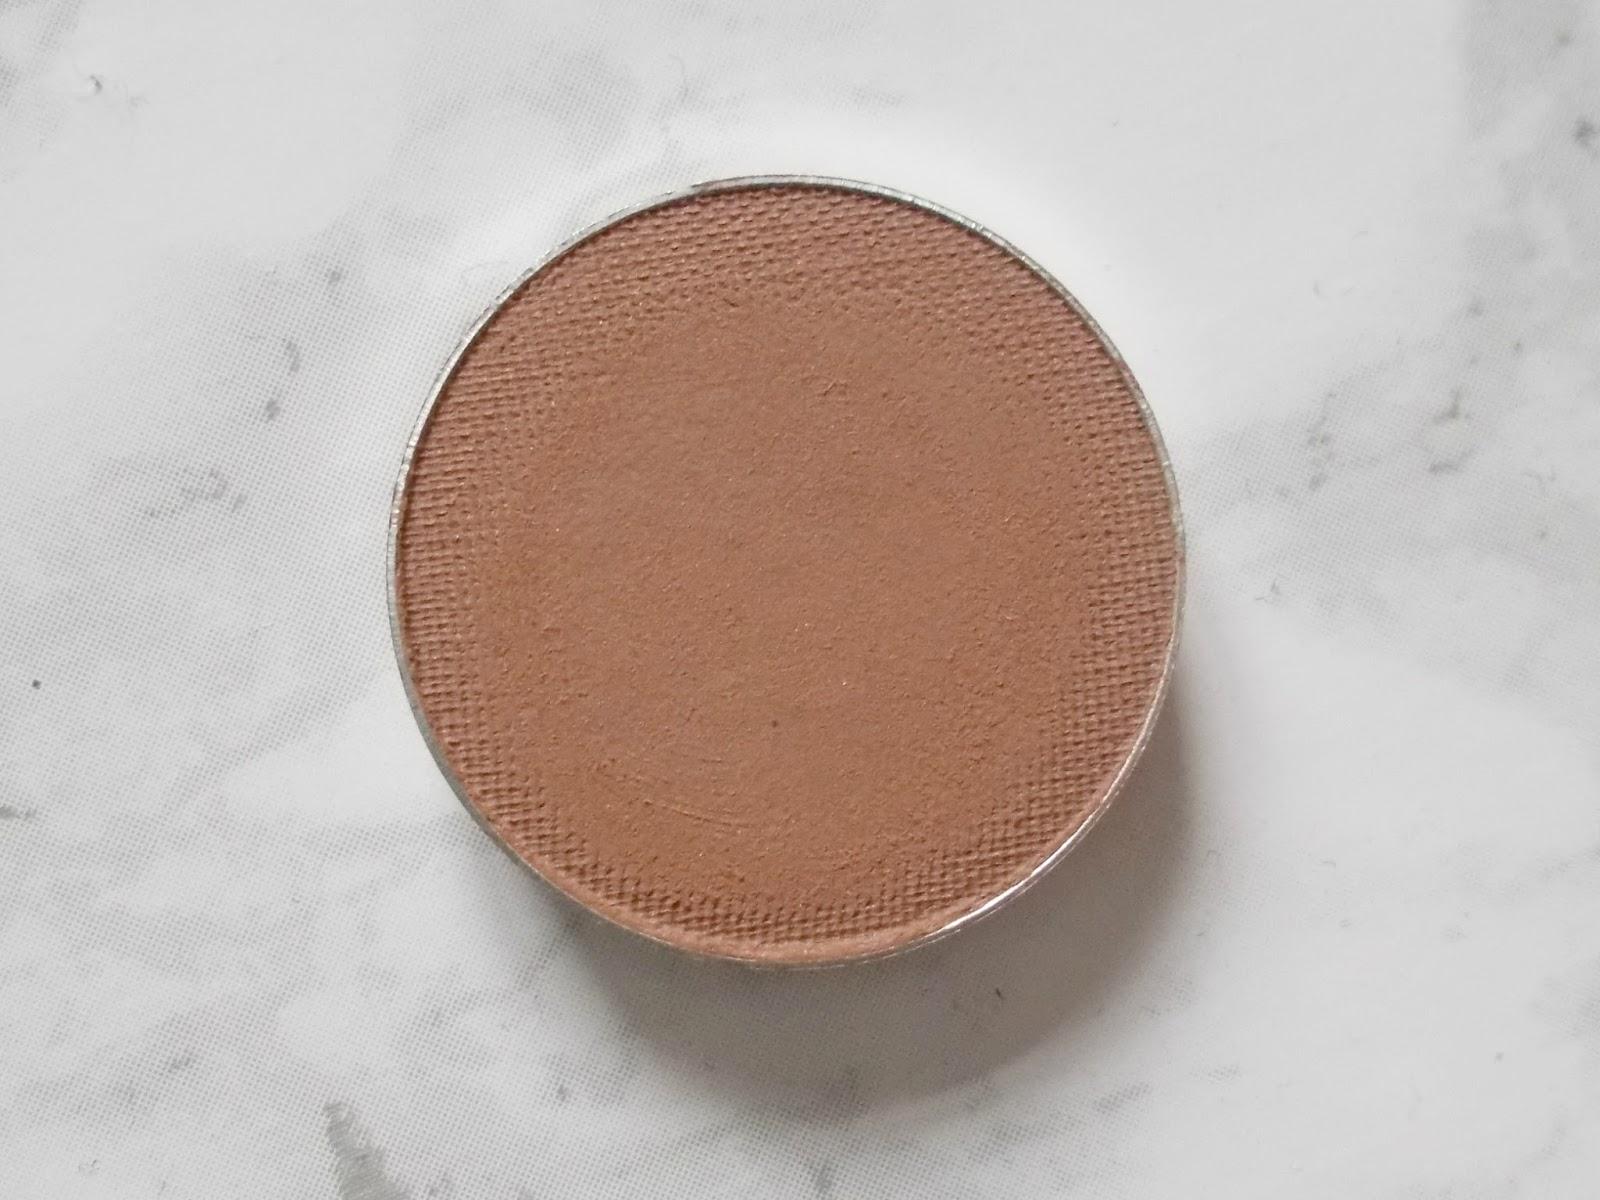 makeup geek latte eyeshadow pan